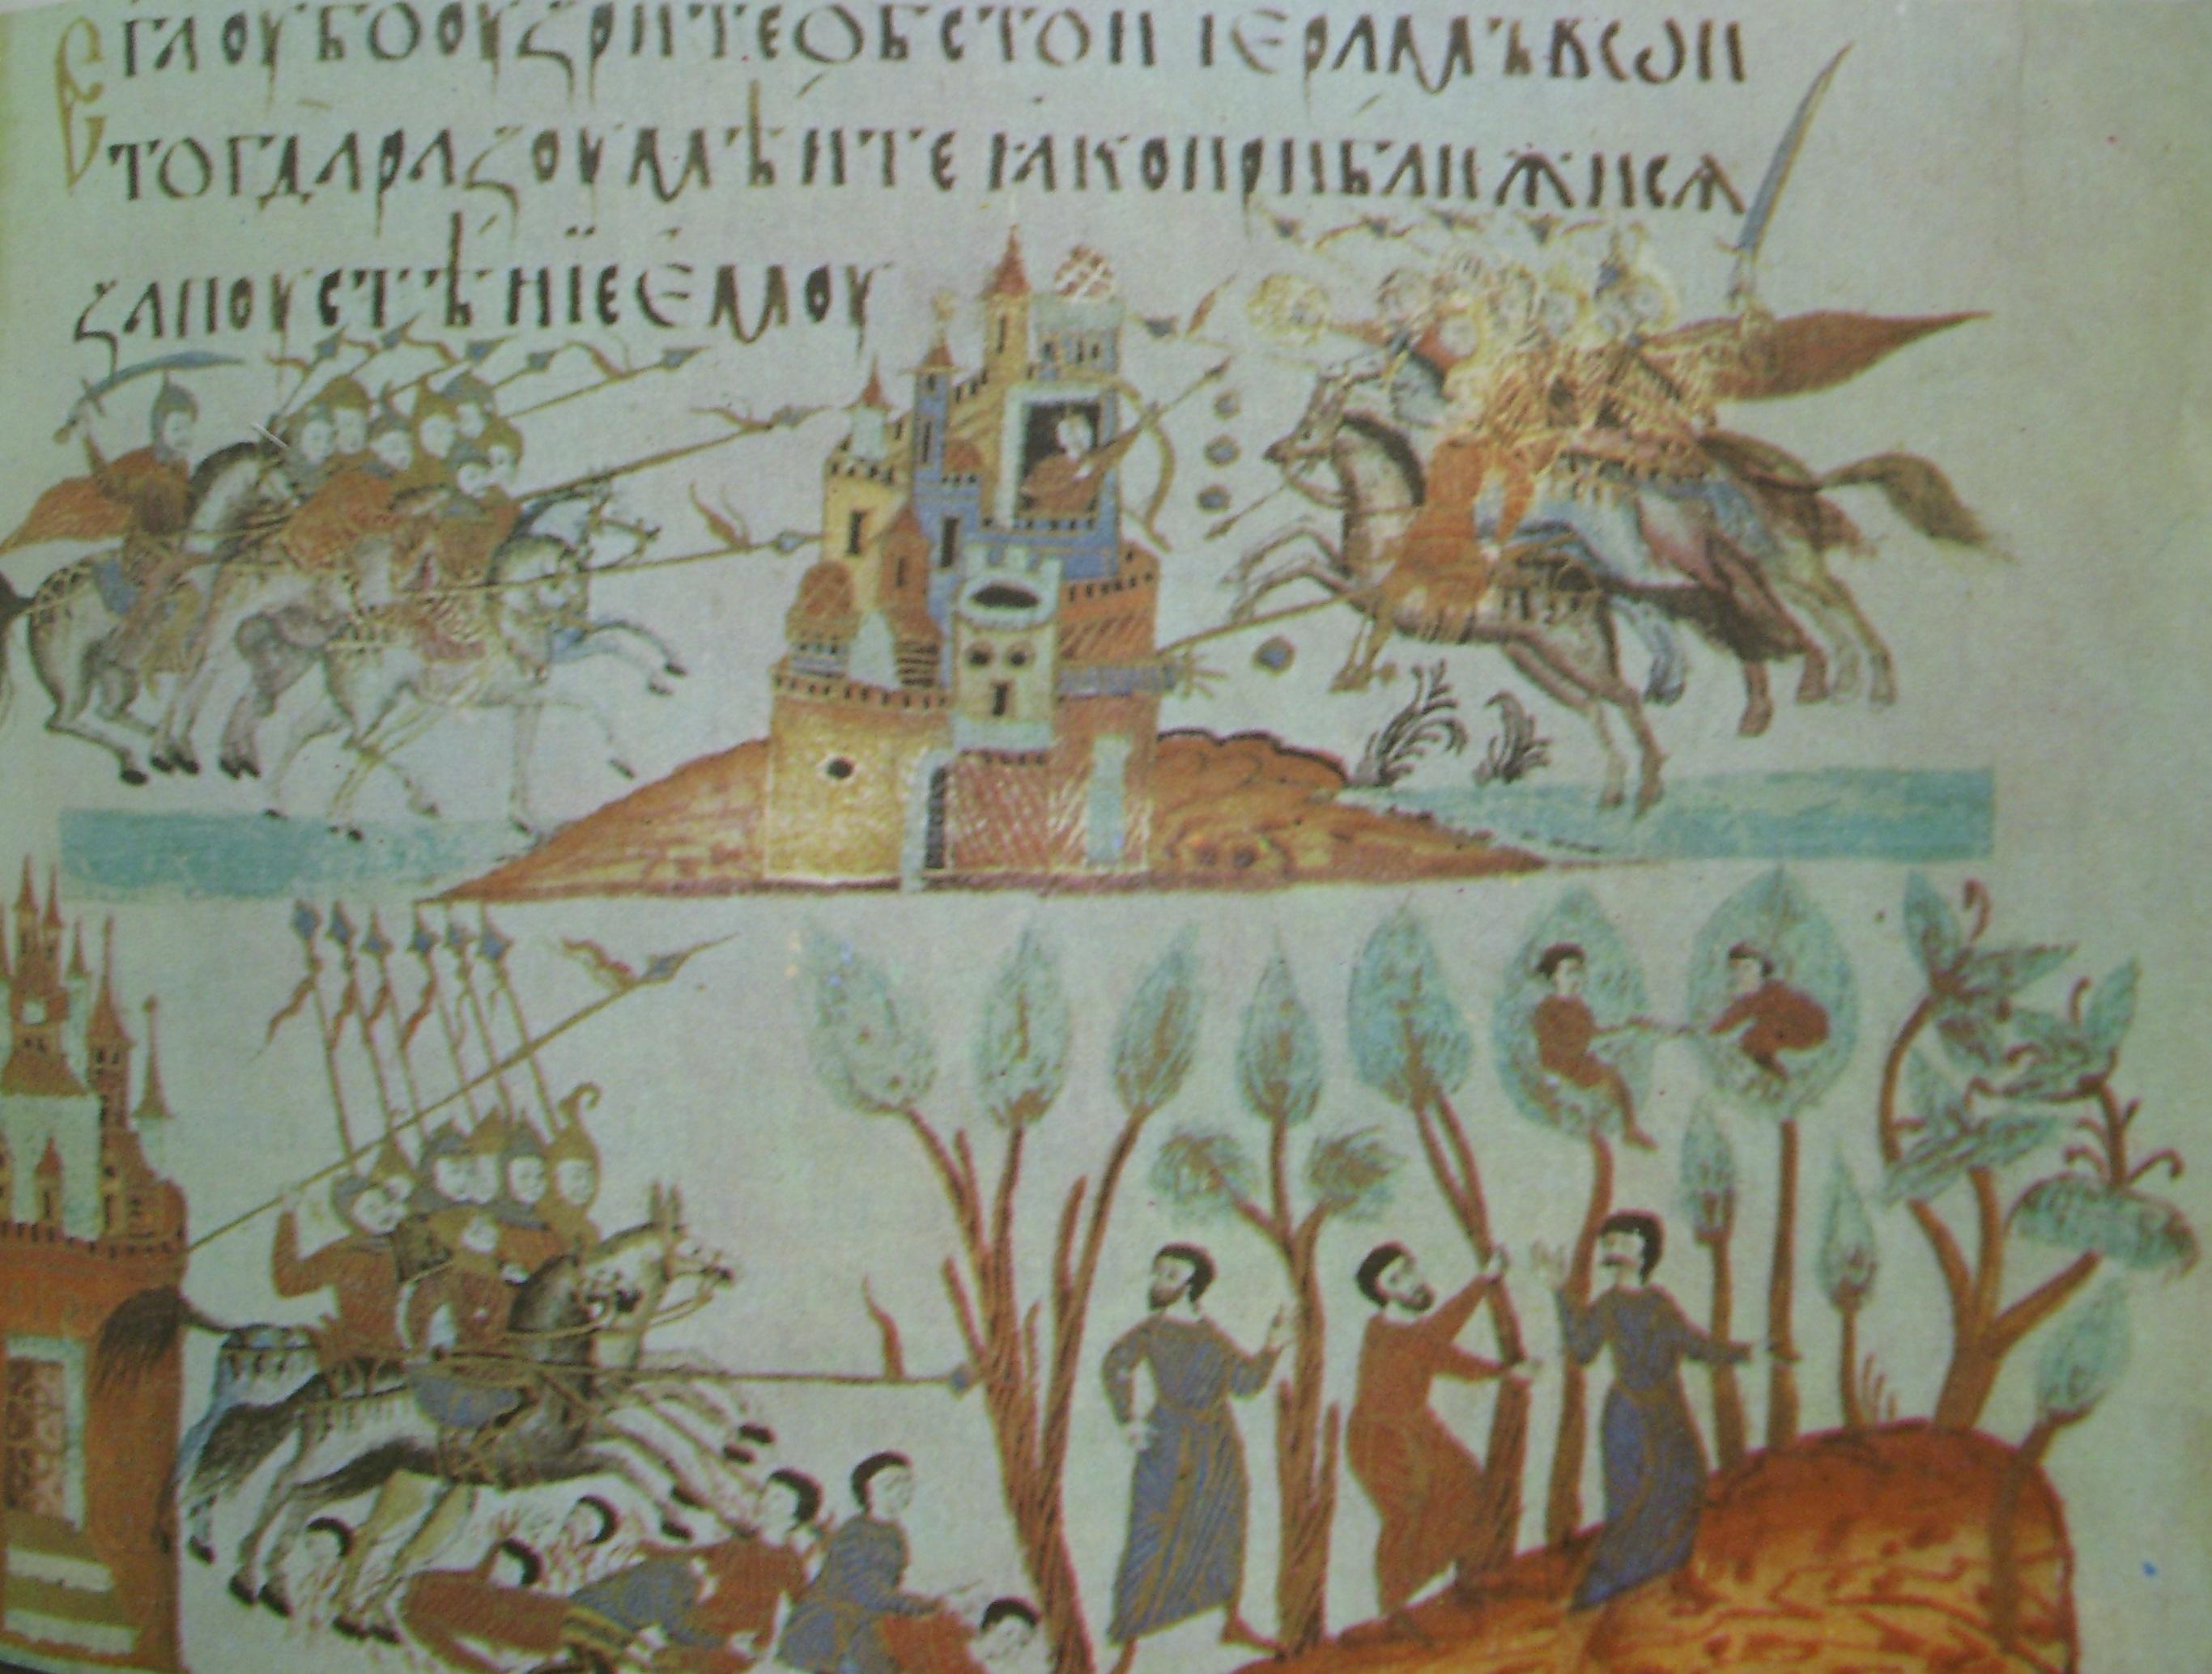 Ţara lui Papură Vodă, sensul şi originea expresiei